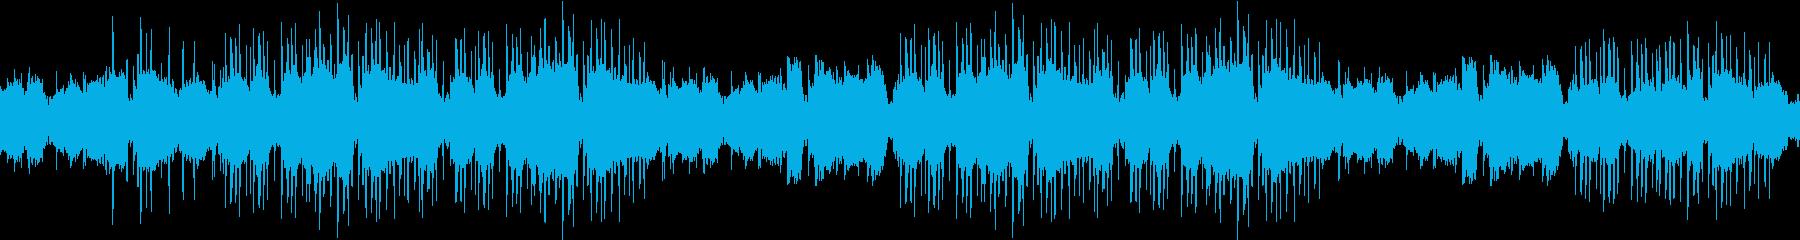 せんちメンタル・エモ・ヒップホップ・夜の再生済みの波形